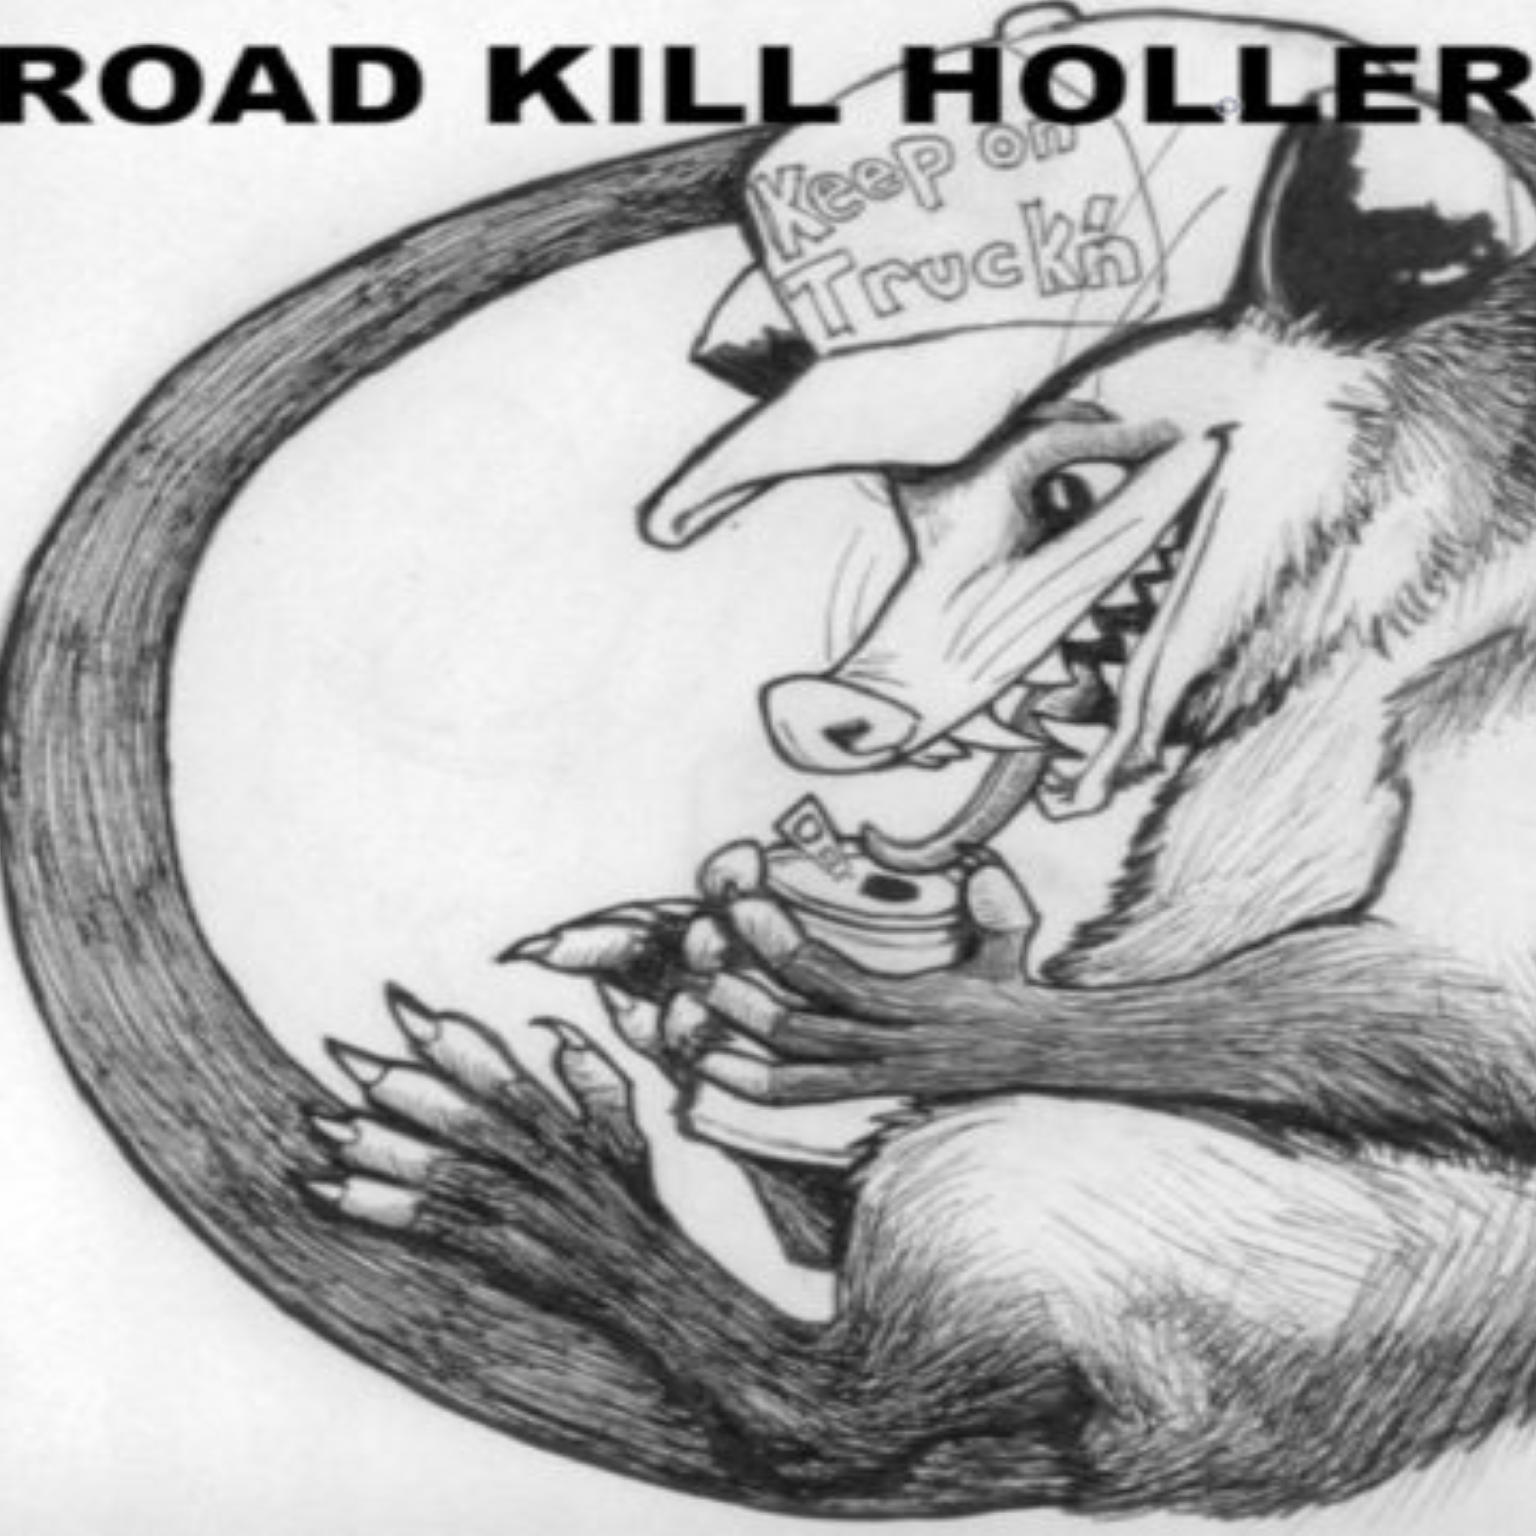 Road Kill Holler Radio